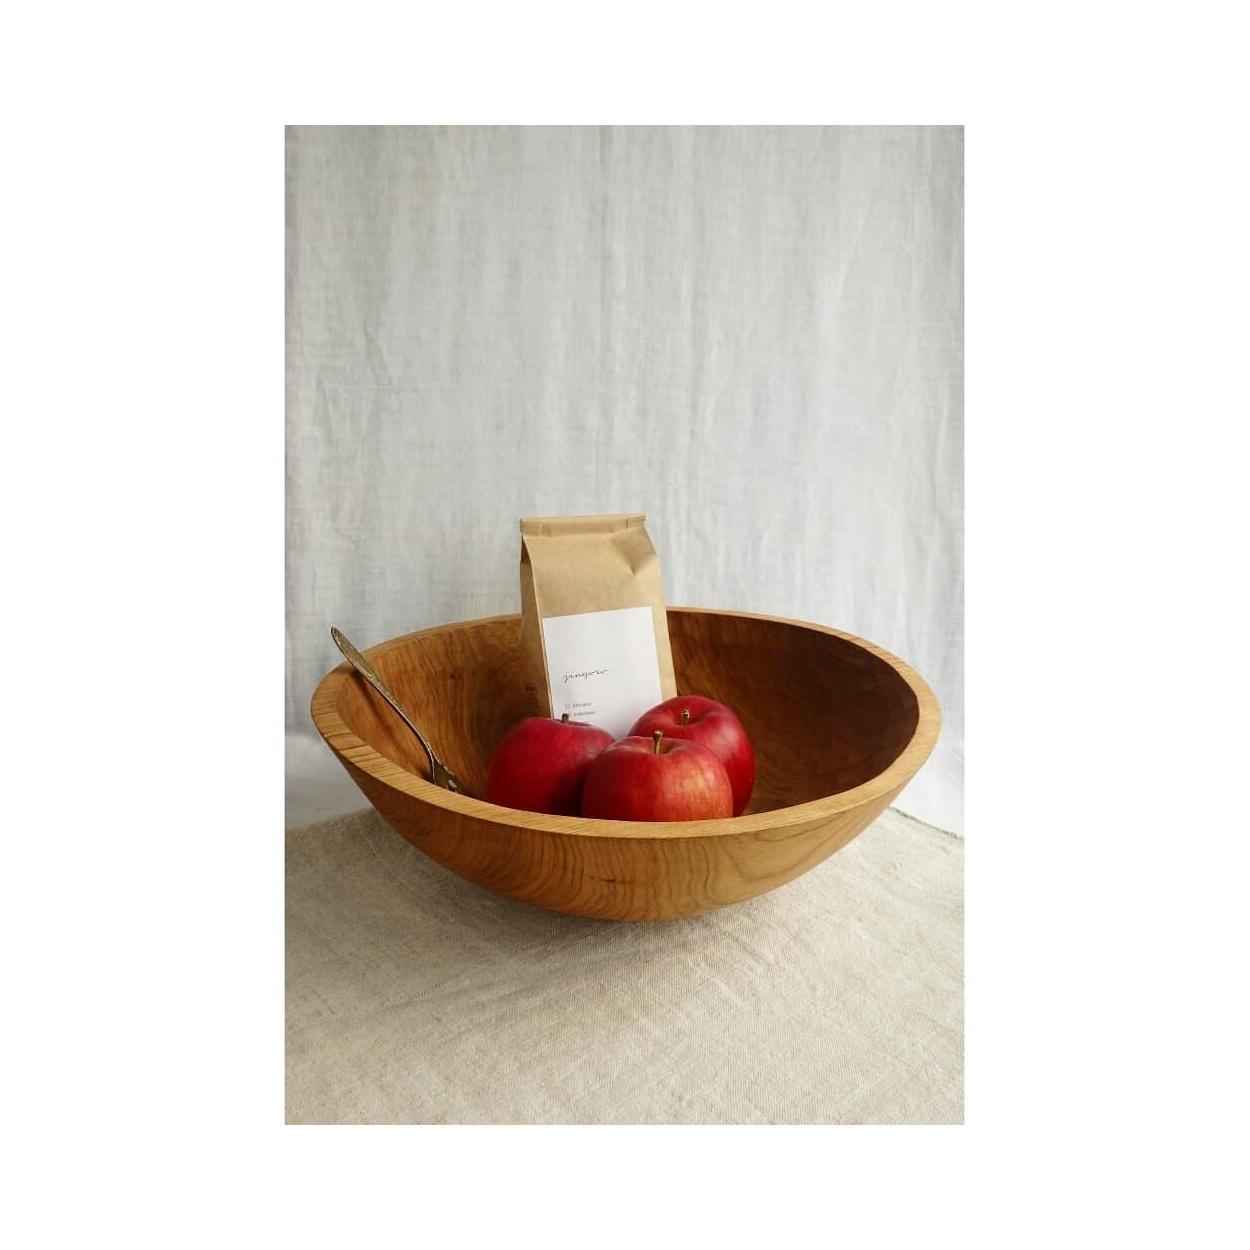 山口和宏さんの木工展 4 - うつわと果実とコーヒーと -_f0351305_17144606.jpeg